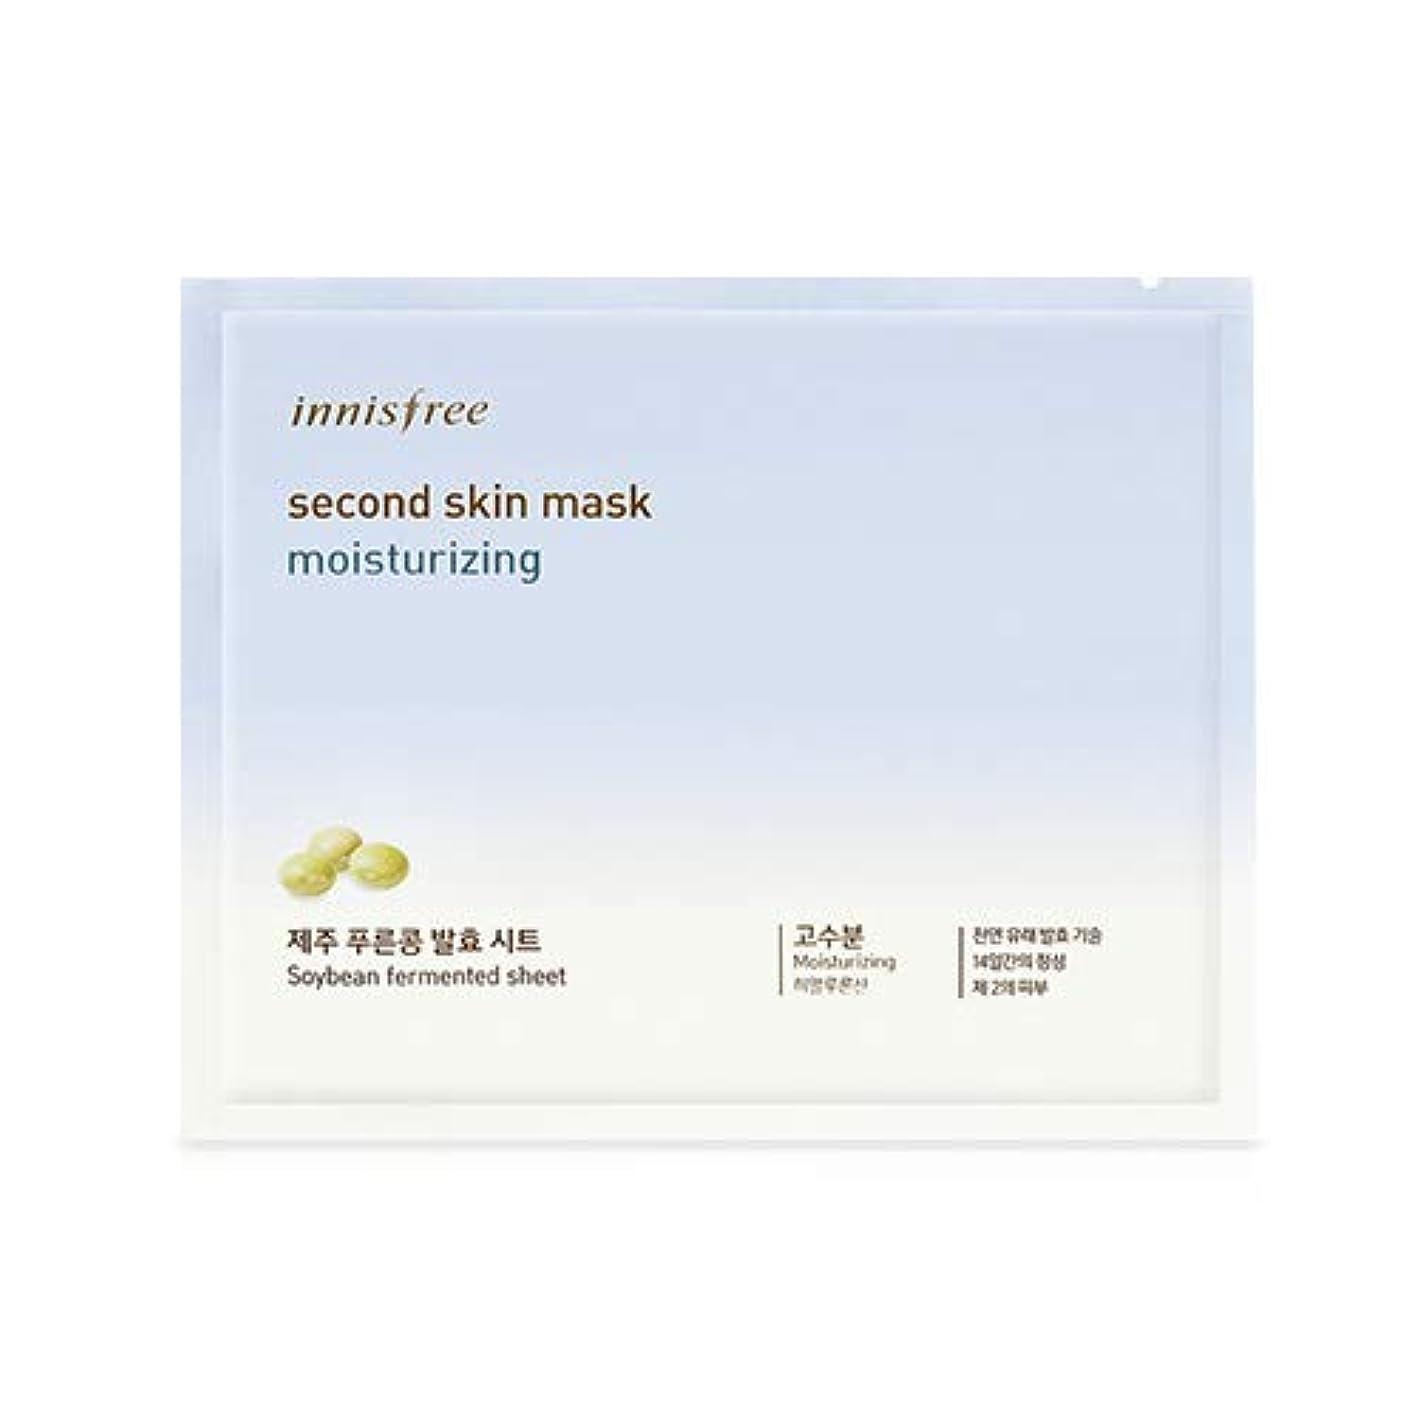 マスタード歴史から聞く[Original] イニスフリーセカンドスキンマスクシート20g x 3個 - モイスチャライジング/Innisfree Second Skin Mask Sheet 20g x 3pcs - Moisturizing...